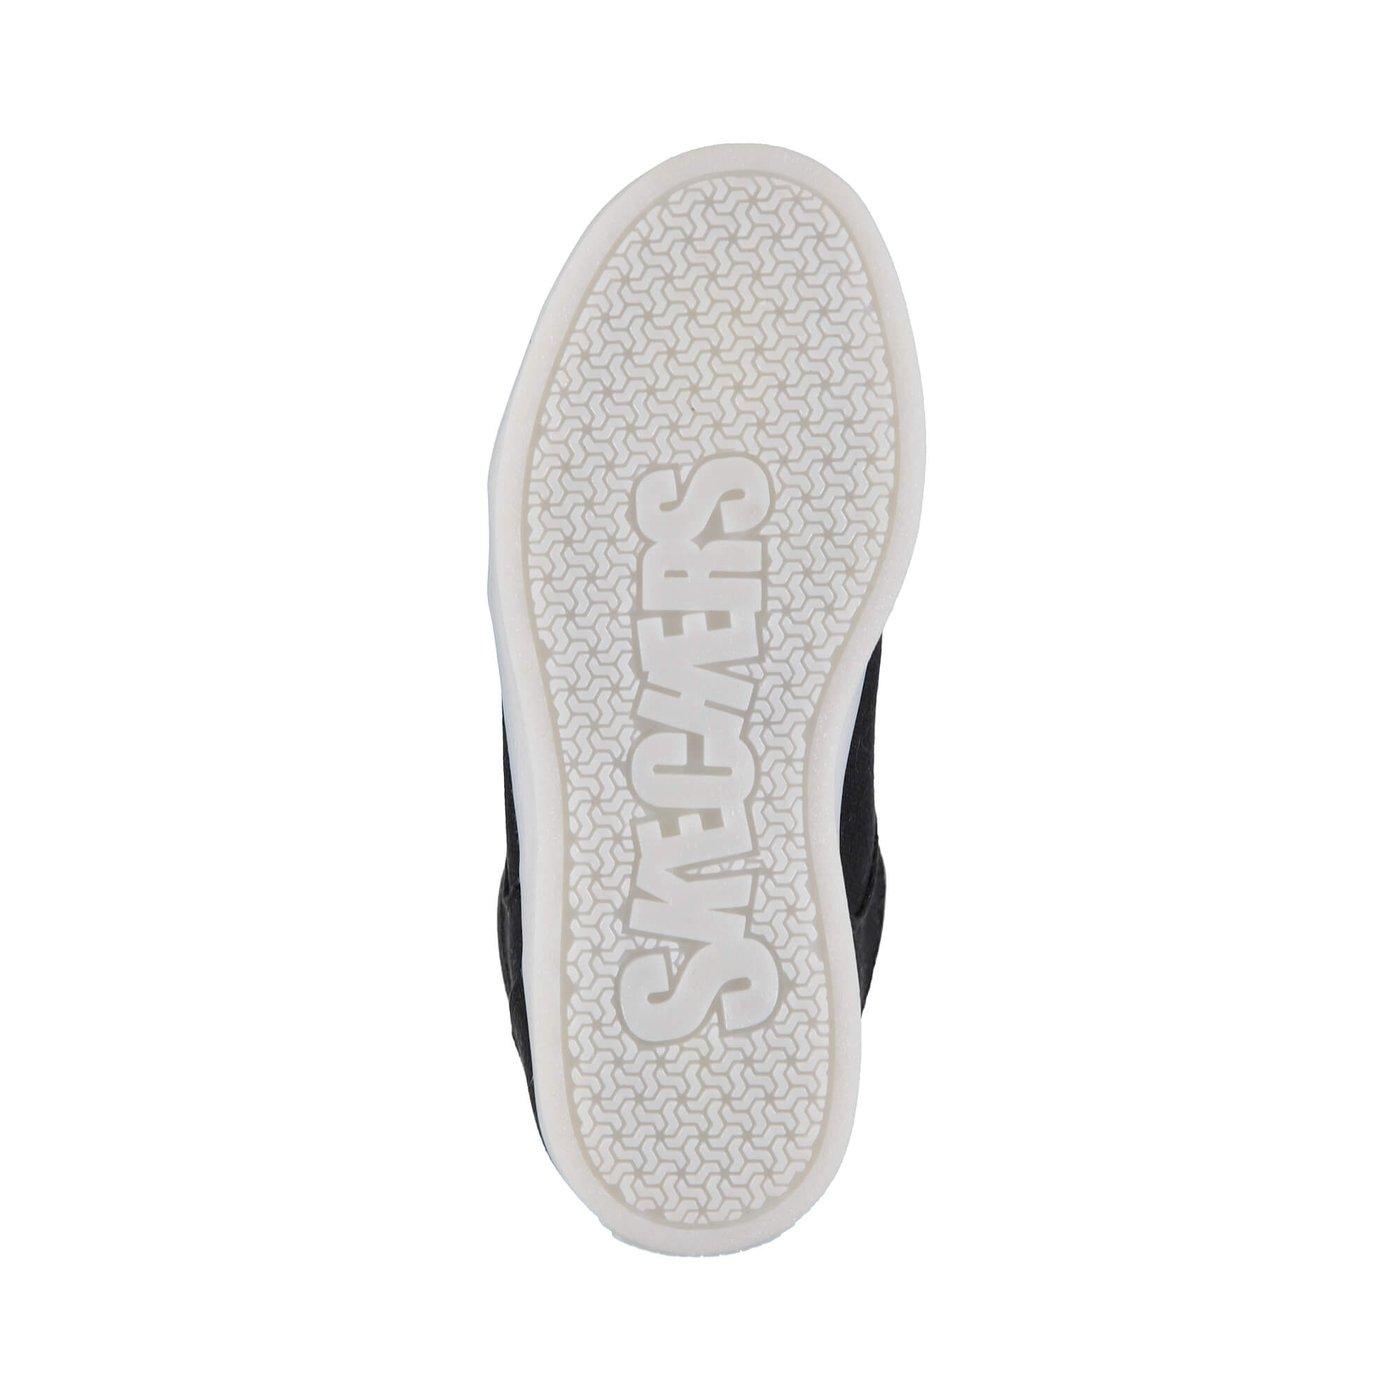 Skechers Energy Lights-Zargo Çocuk Siyah Işıklı Spor Ayakkabı